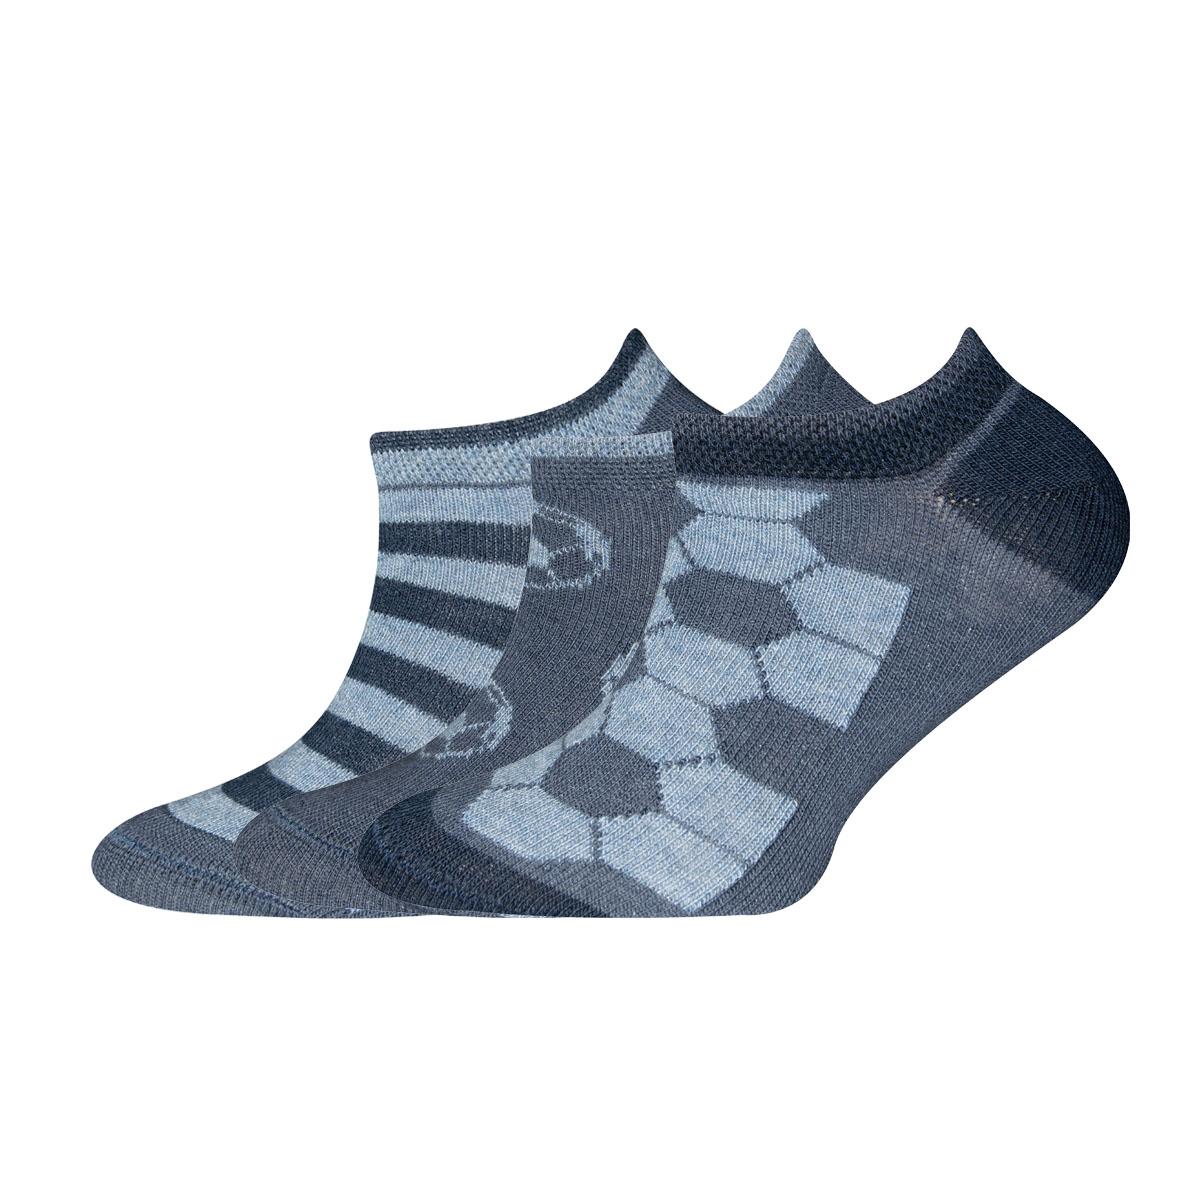 Sneaker 3er Pack Fußball, Ringel, Größe: 23-26